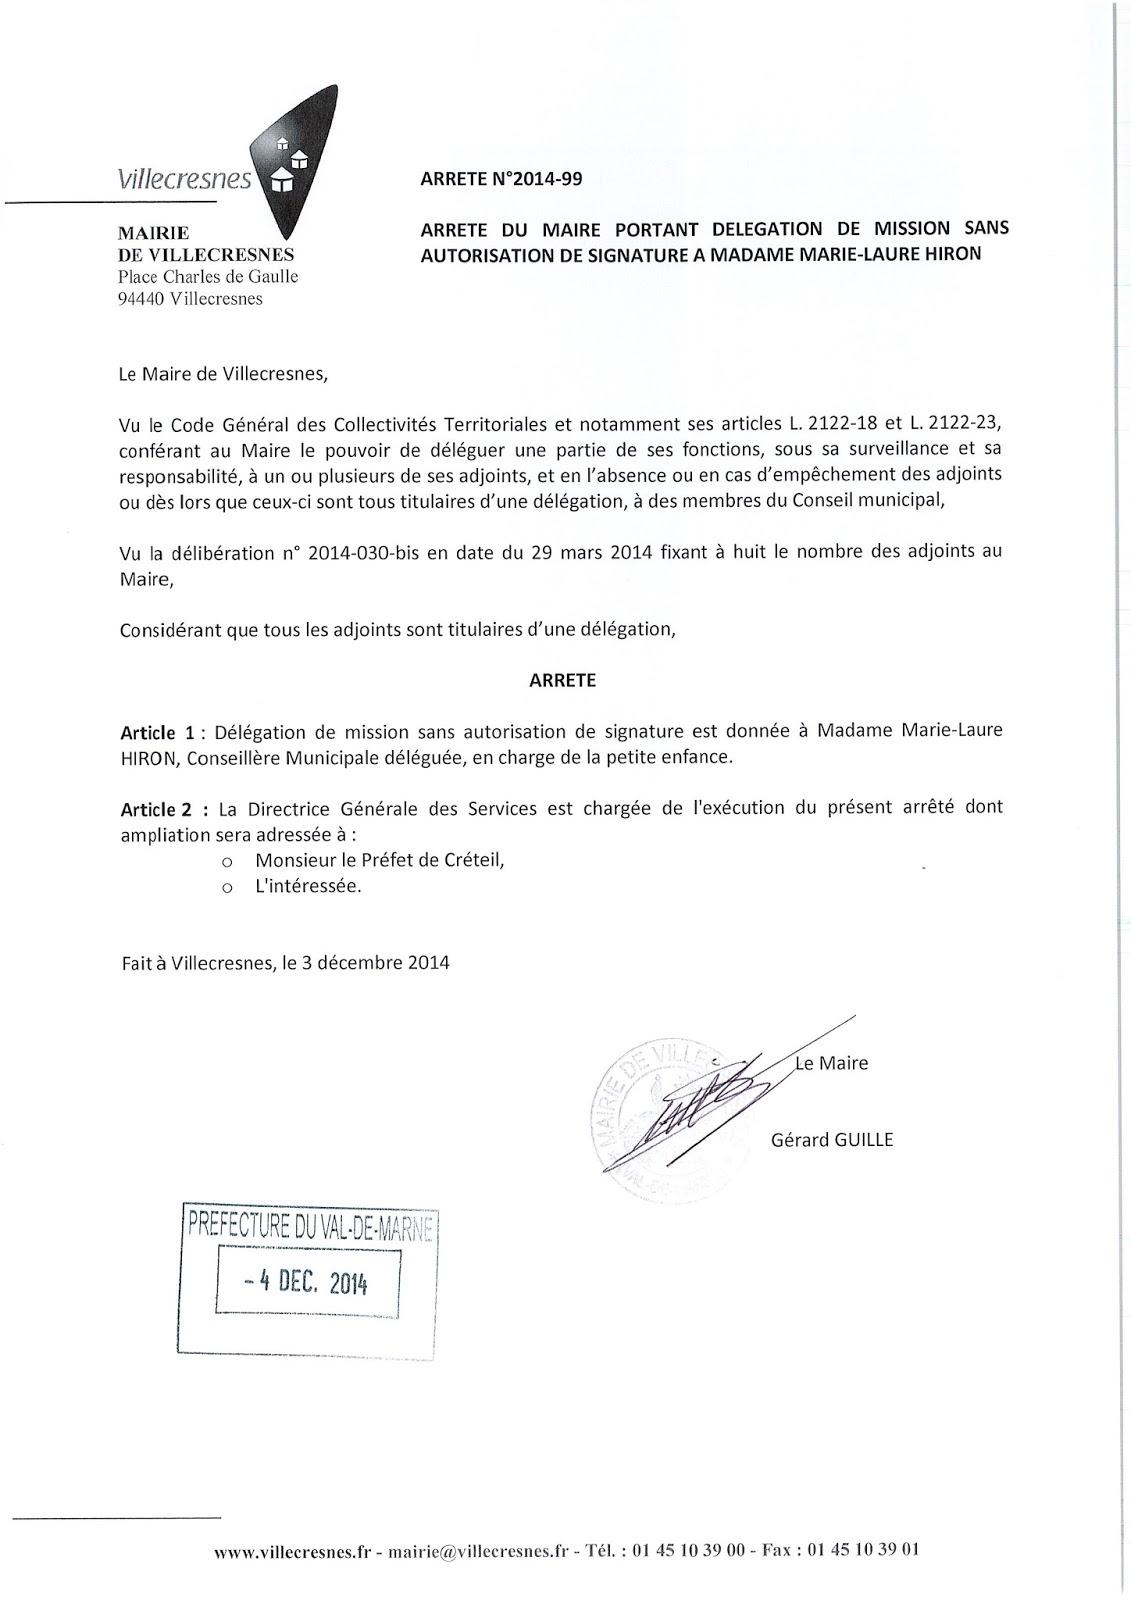 2014-099 Délégation de fonction mission sans autorisation de signature à Madame Marie-Laure Hiron